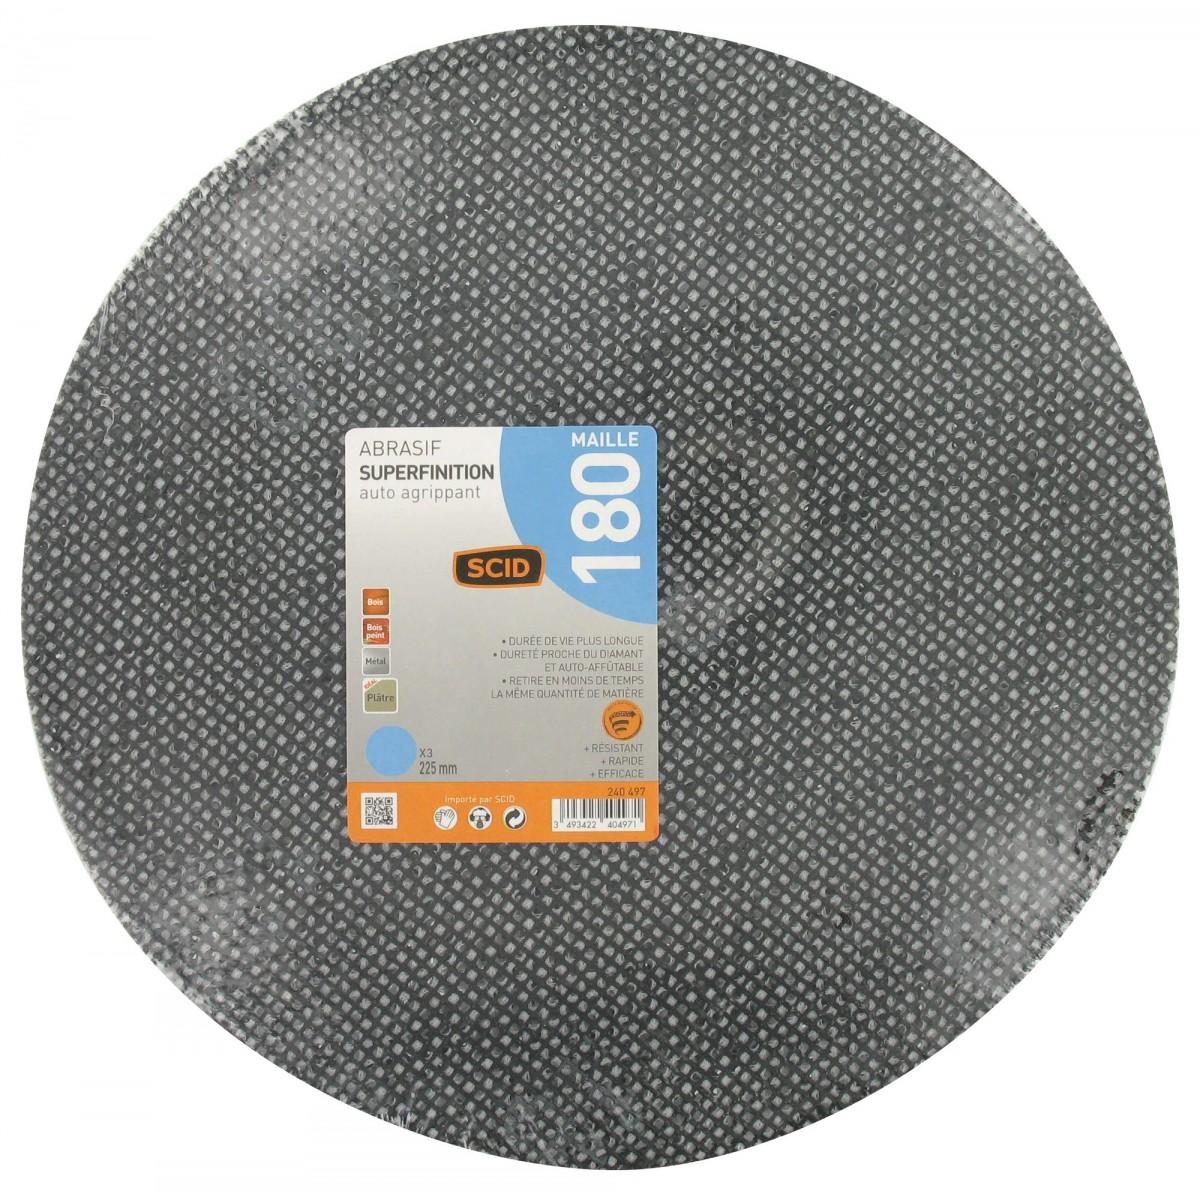 Disque maille auto-agrippant diamètre 225 mm SCID - Grain 180 - Vendu par 3